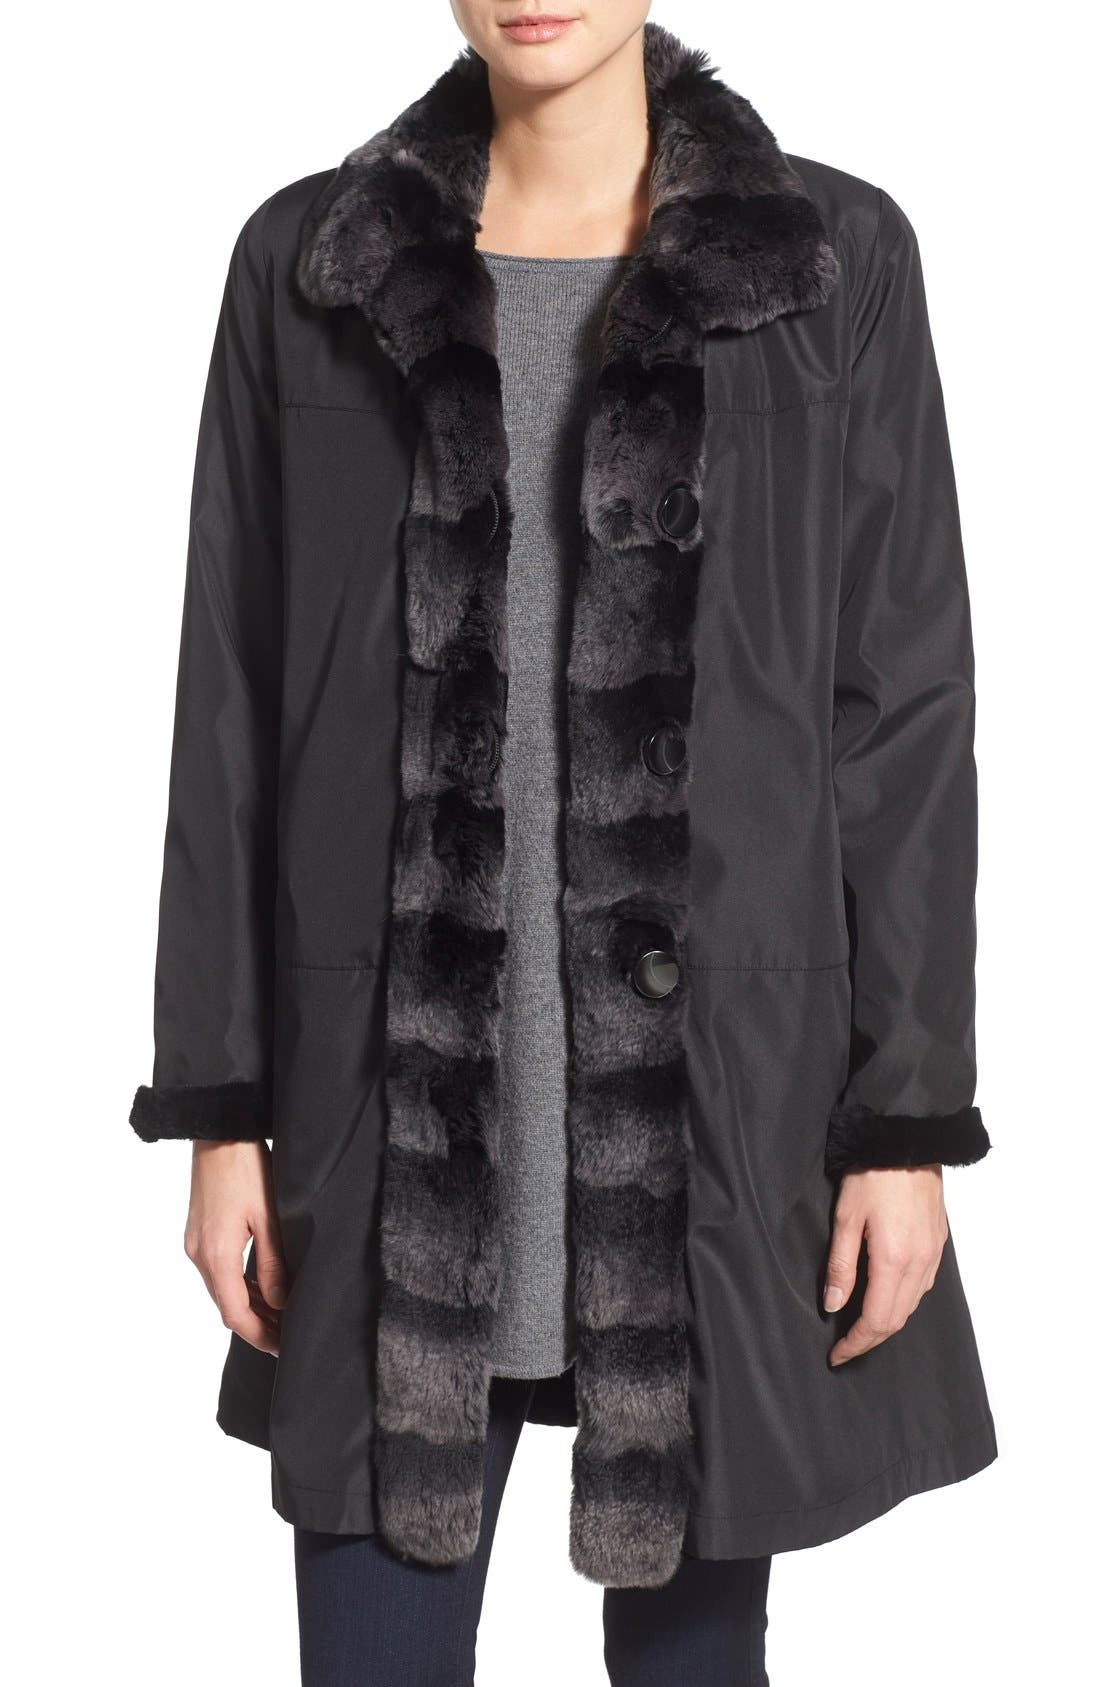 Alternate Image 1 Selected - Blue Duck Genuine Rabbit Fur Reversible Storm Coat (Regular & Petite)